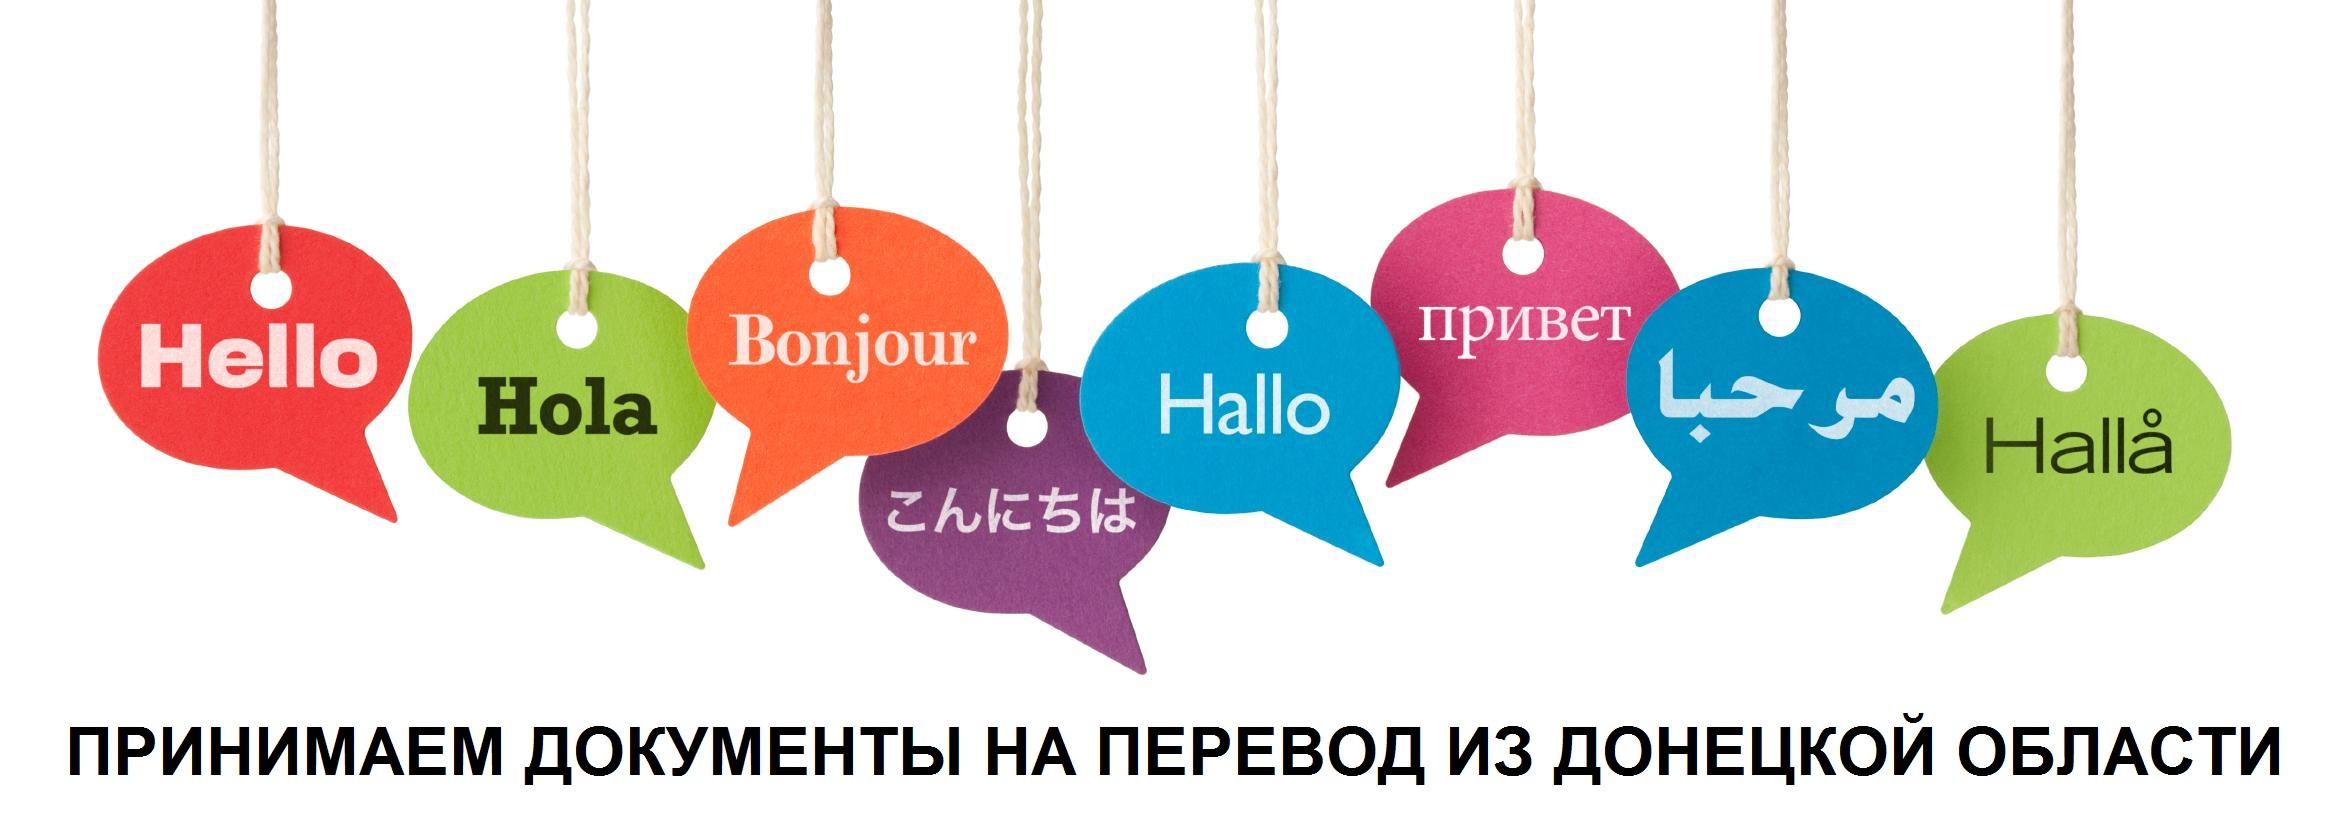 ПРИНИМАЕМ ДОКУМЕНТЫ НА ПЕРЕВОД ИЗ г.НИКОЛАЕВ - SpravkaInform.com.ua